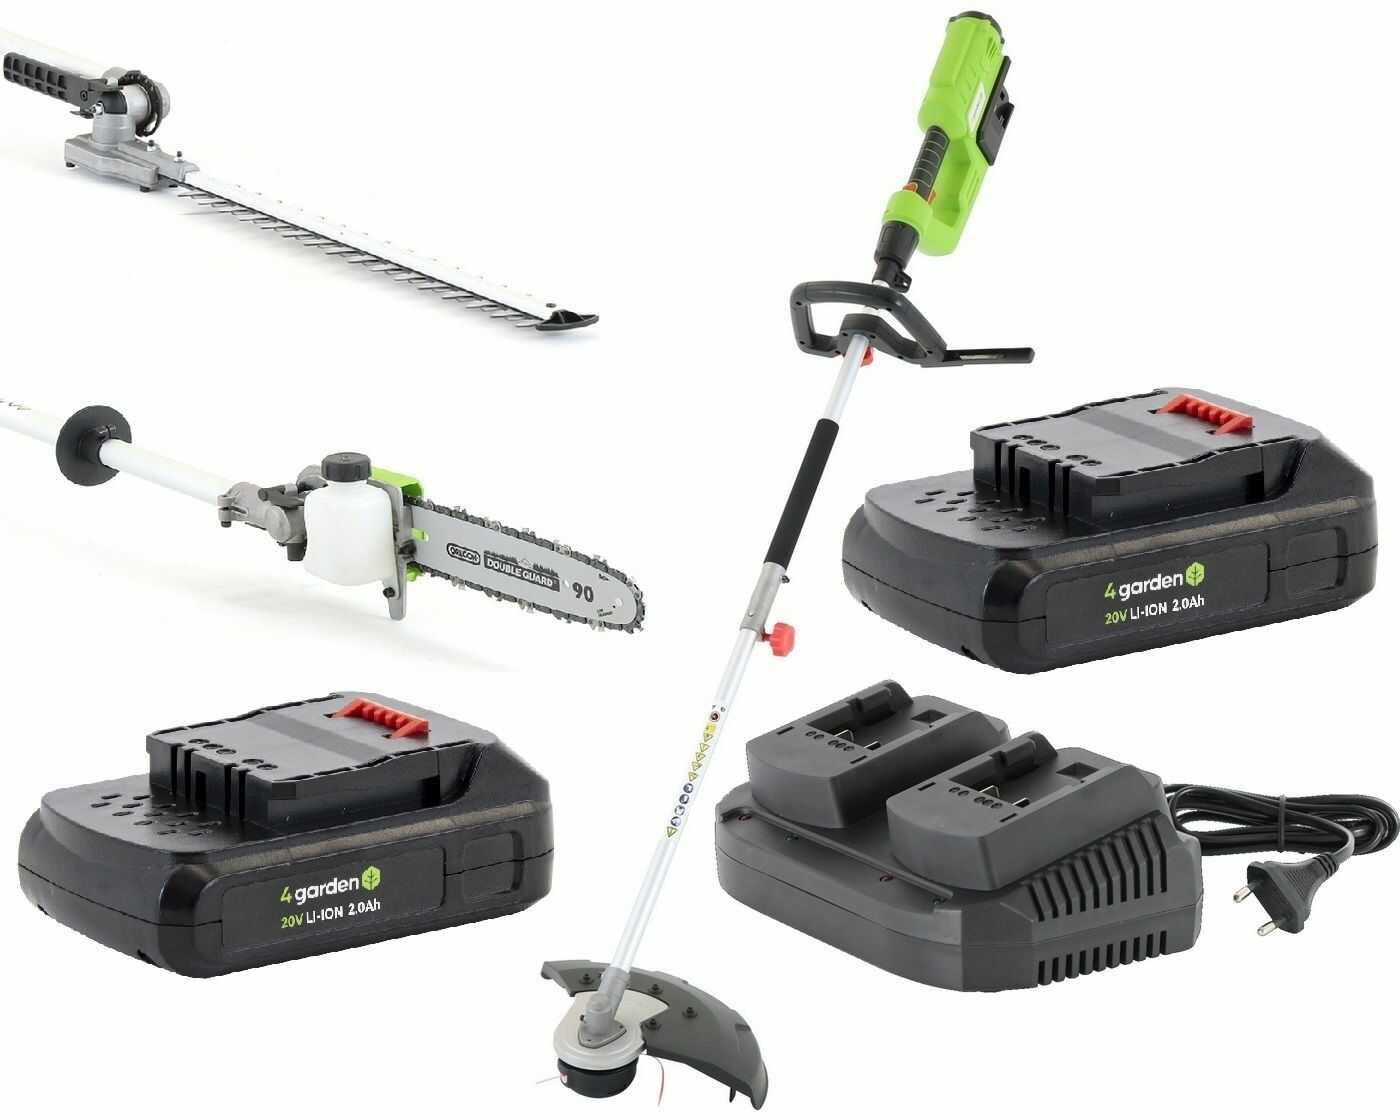 Urządzenie wielofunkcyjne AK22MULTI 4GARDEN Akumulatorowe: kosa + podkaszarka + nożyce do żywopłotu + okrzesywarka do gałęzi + 2x Akumulator 2,0 Ah + Ładowarka podwójna